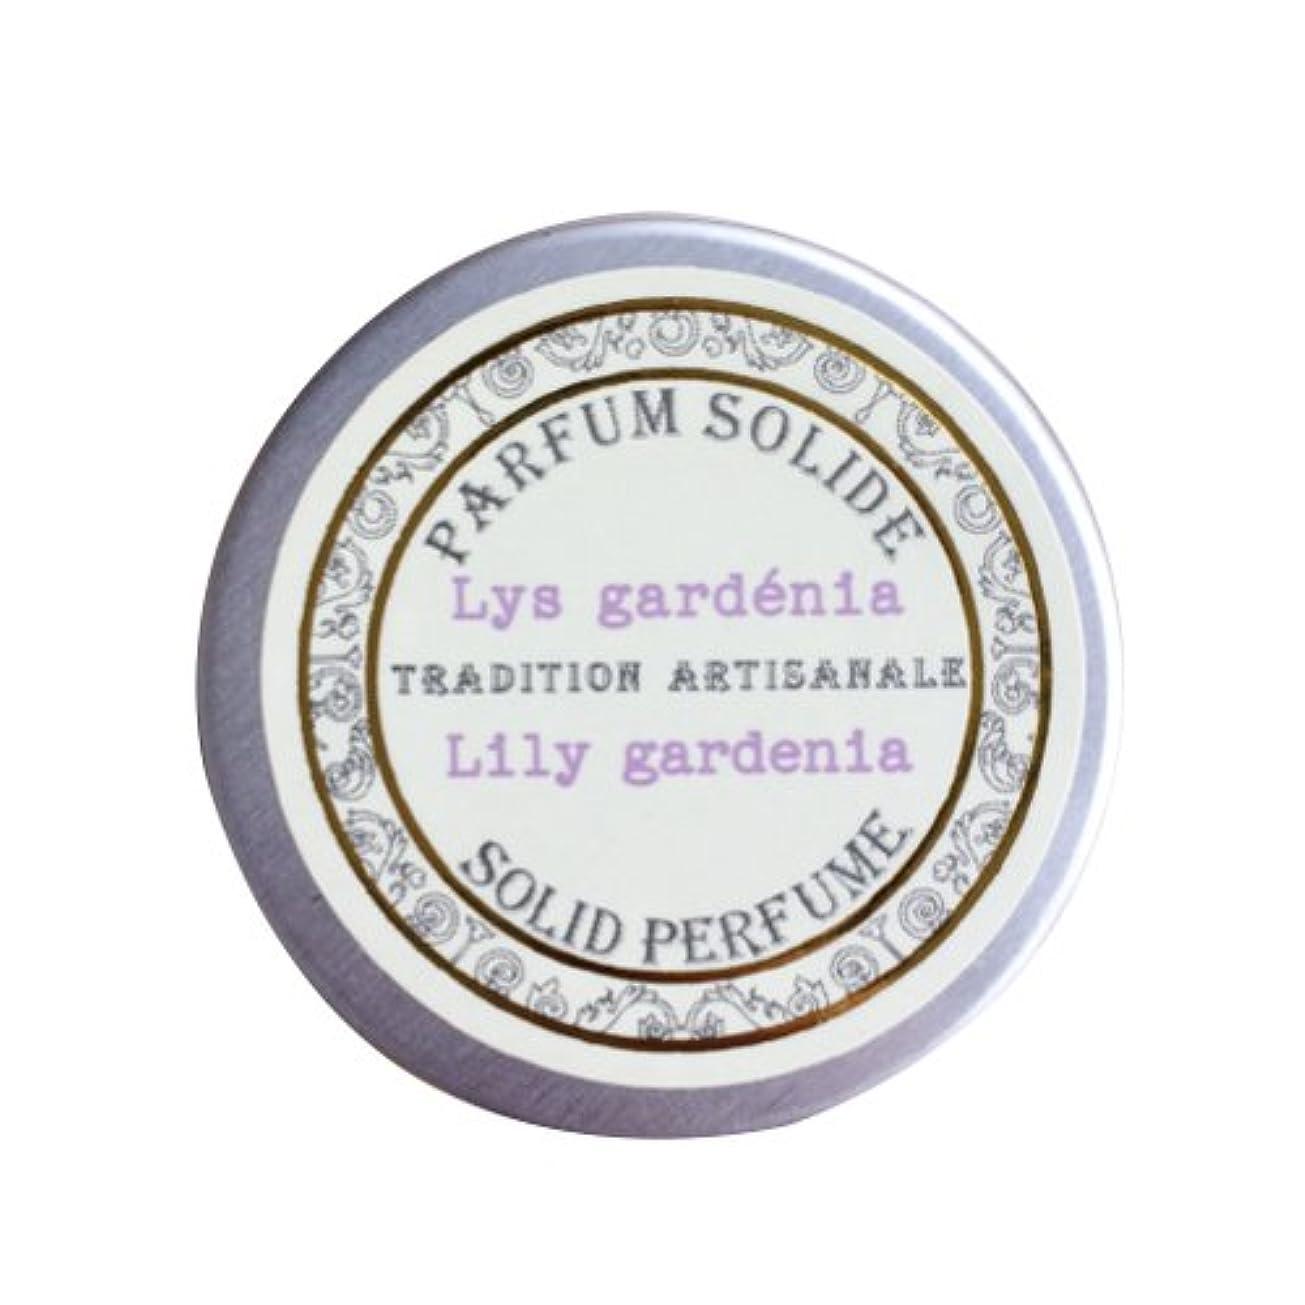 比較的魅力各Senteur et Beaute(サンタールエボーテ) フレンチクラシックシリーズ 練り香水 10g 「リリーガーデニア」 4994228023070